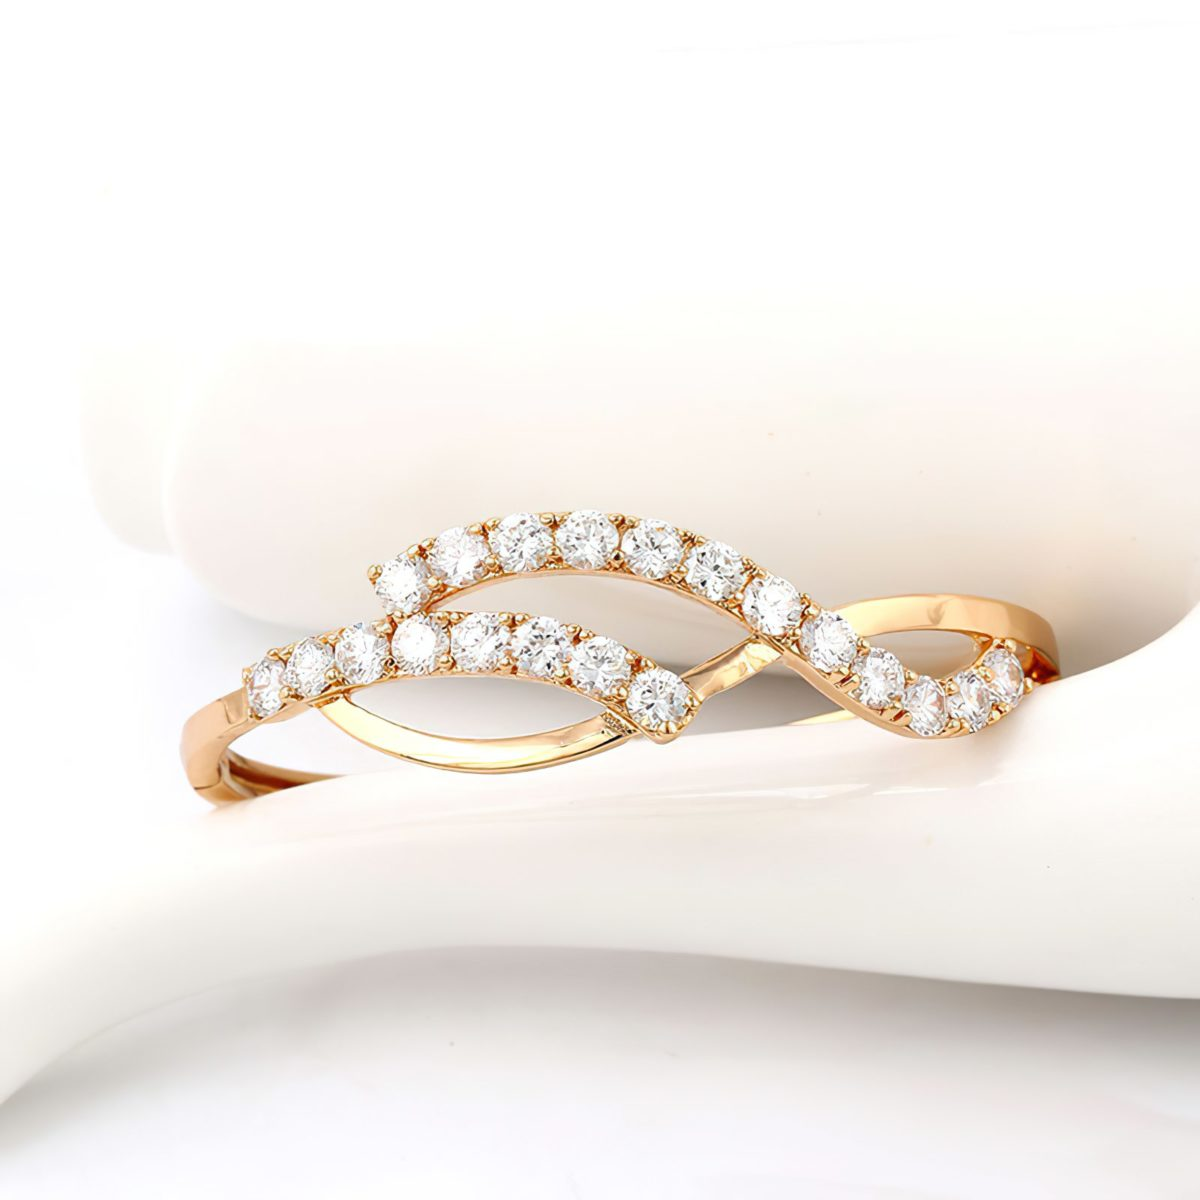 Модный золотой браслет на руку для девушки с кристаллами